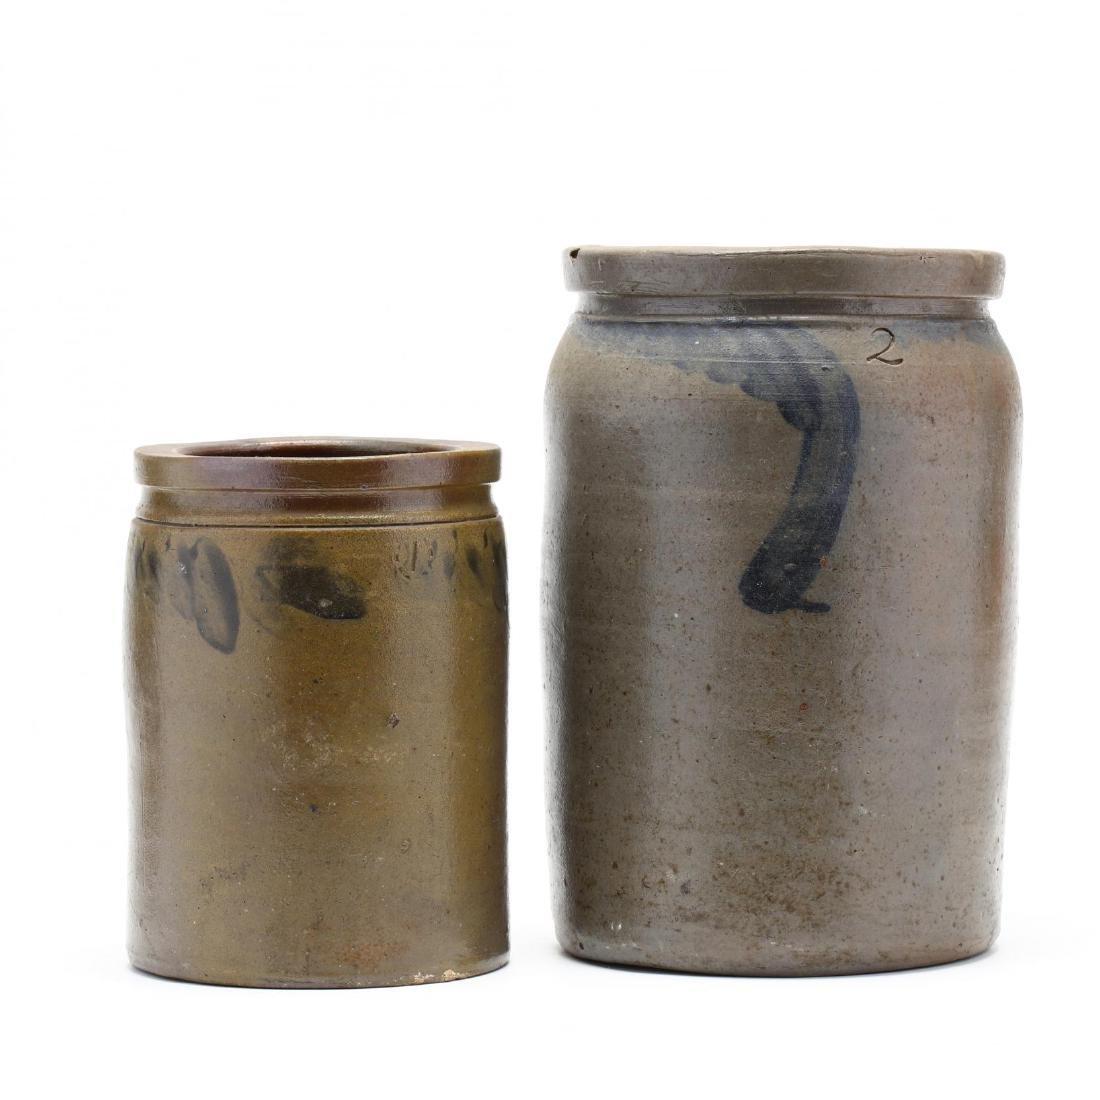 Two Salt Glazed Crocks